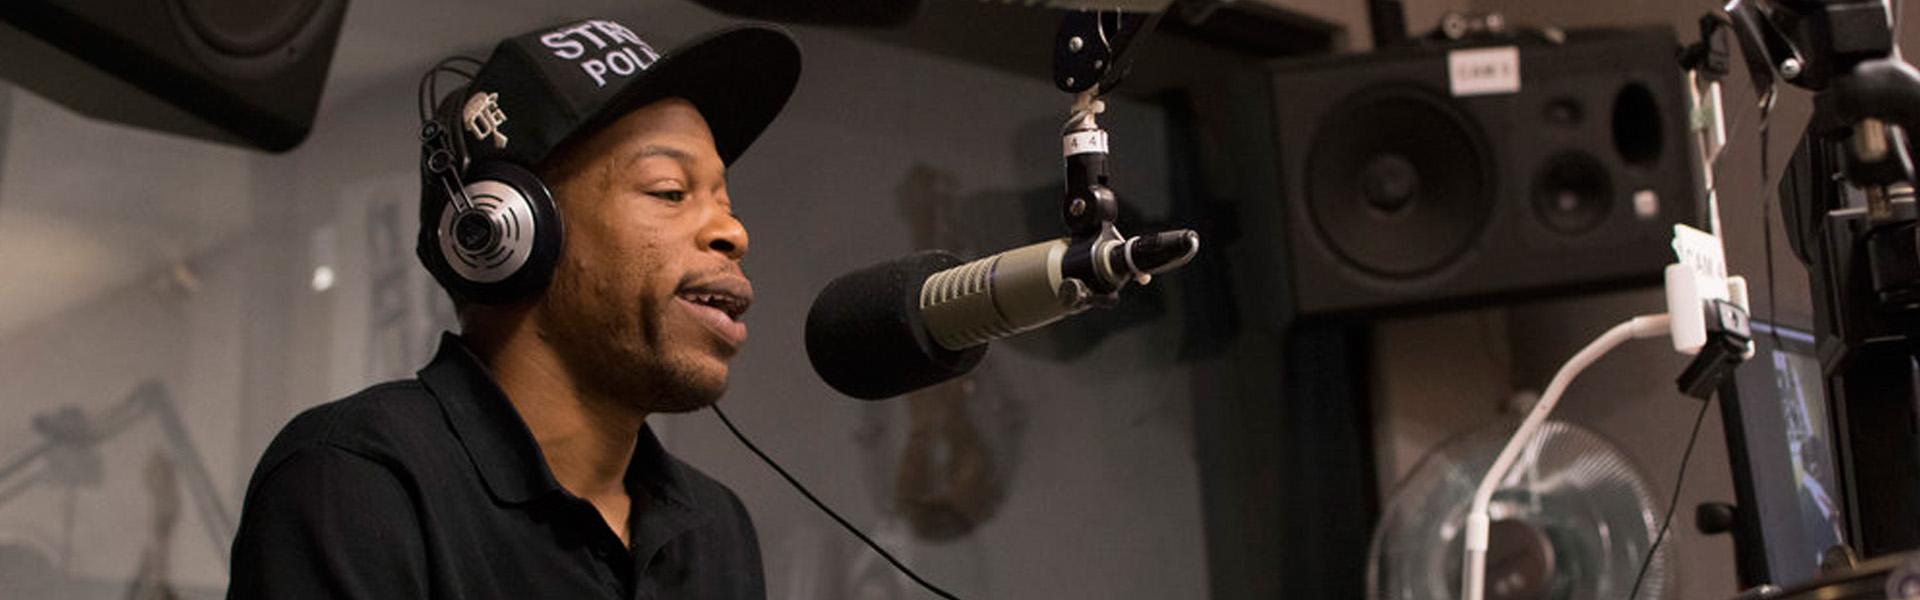 WHCR 90 3 FM |